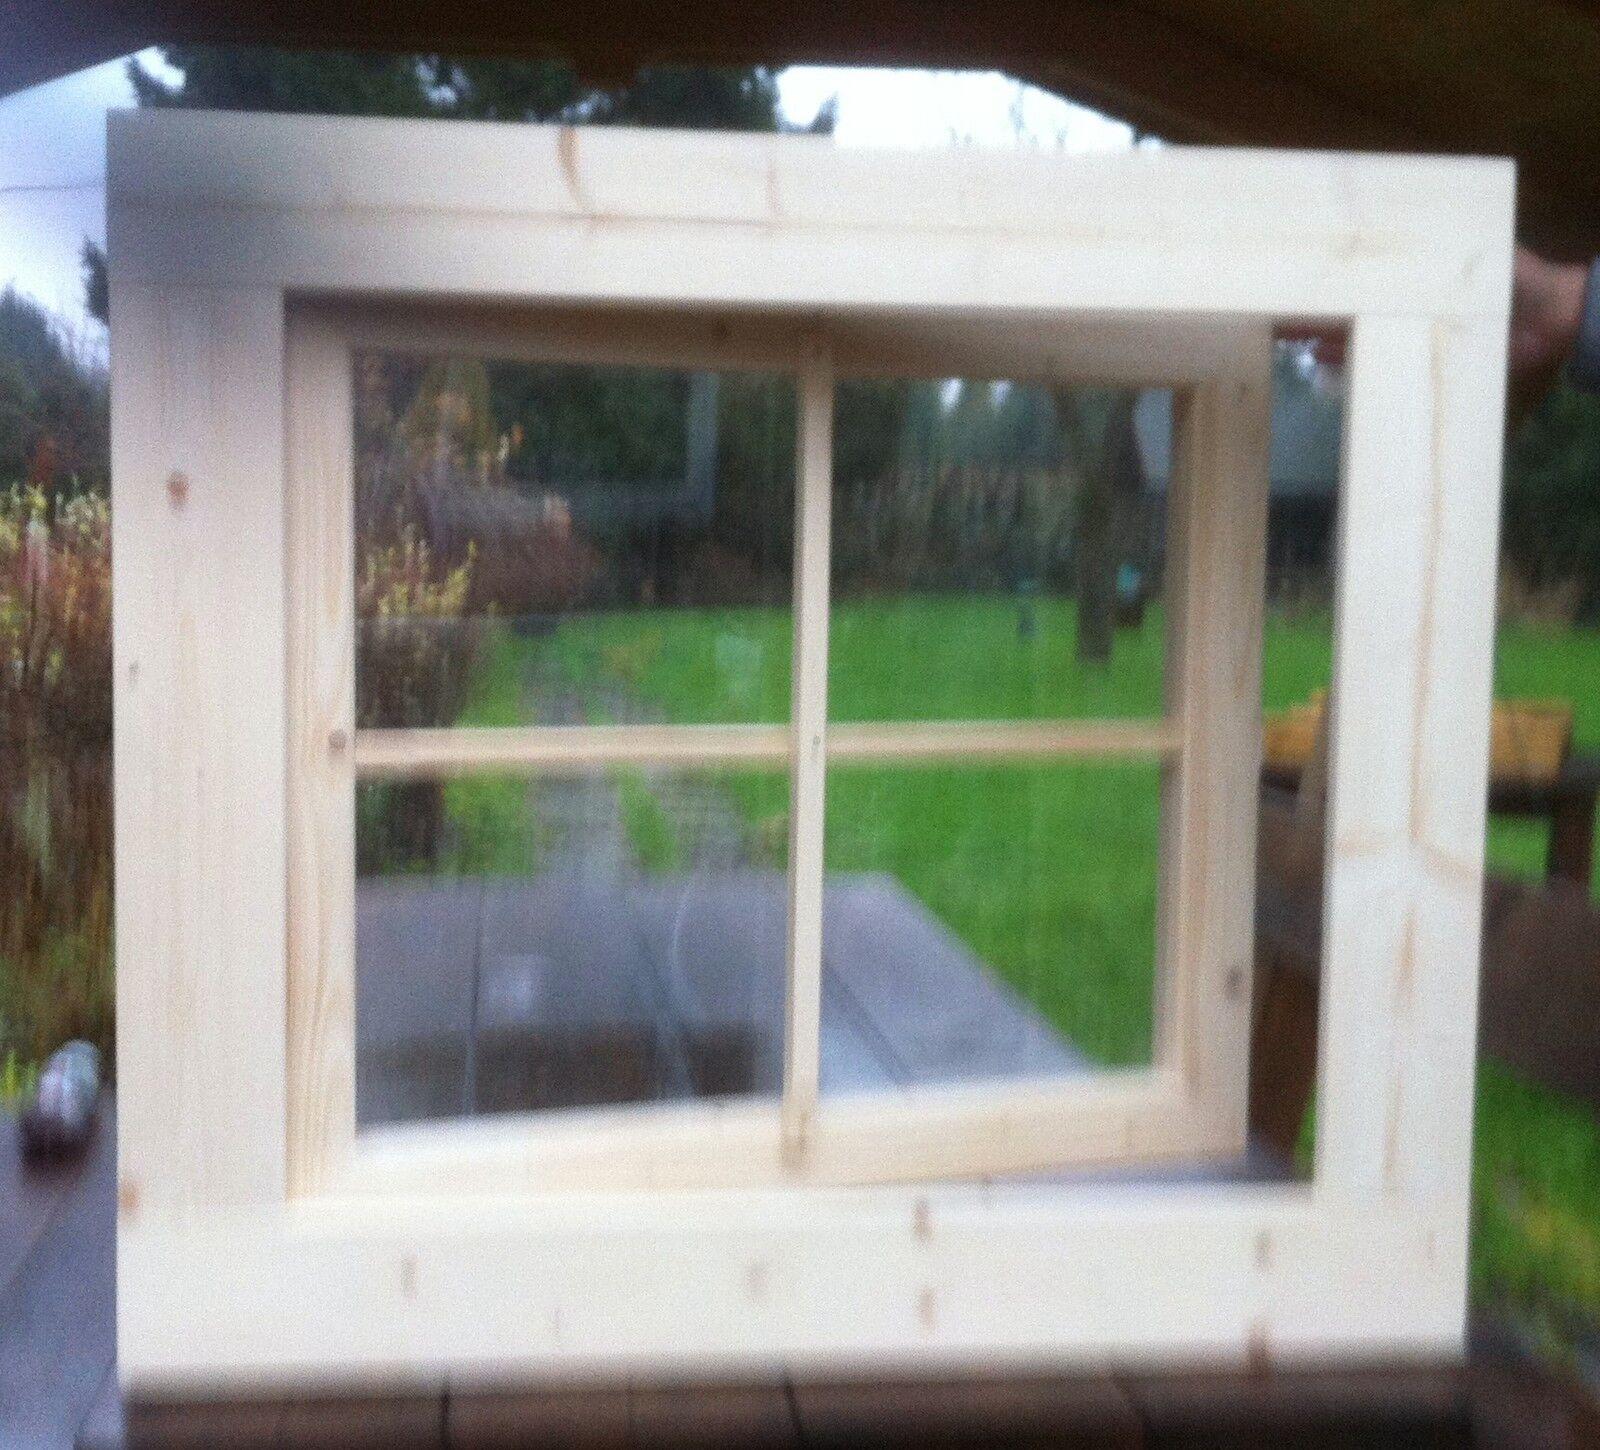 Fenster Holzfenster Carport Gartenhausfenster 72 x 72 cm Dreh ++NEU+++